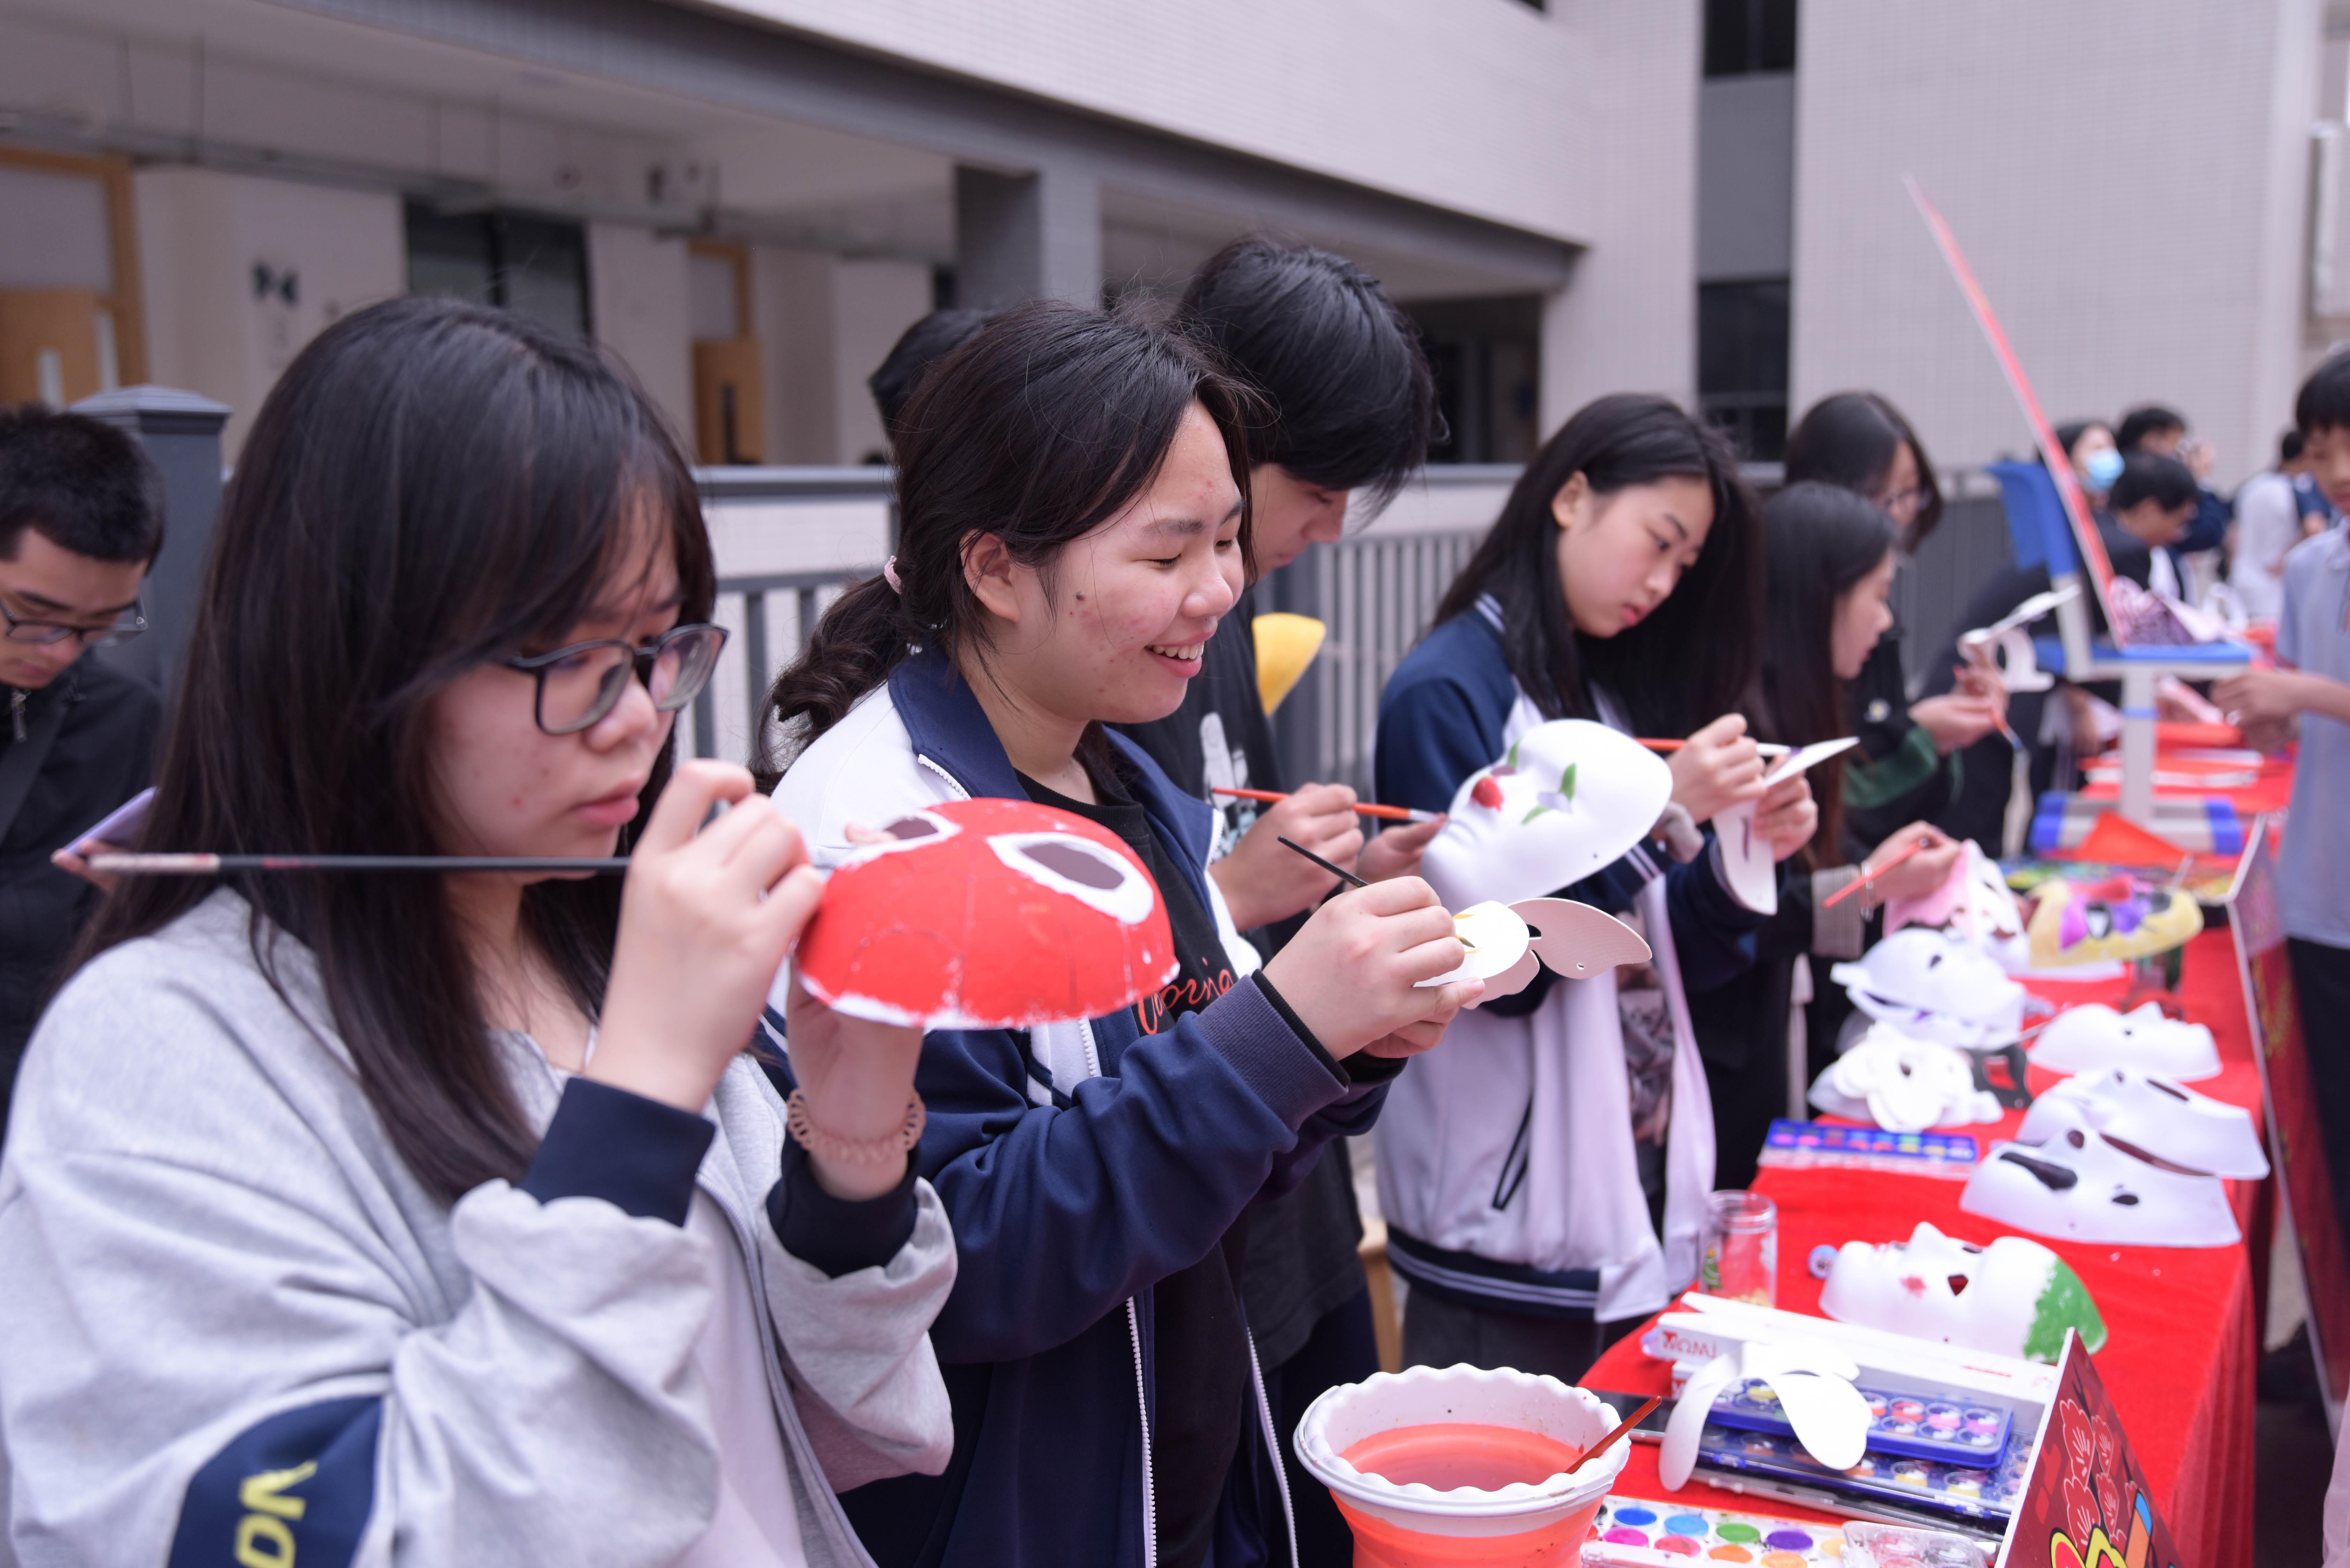 将地方美食与传统文化结合——广东河源黄冈实验中学举办特色闹元宵活动